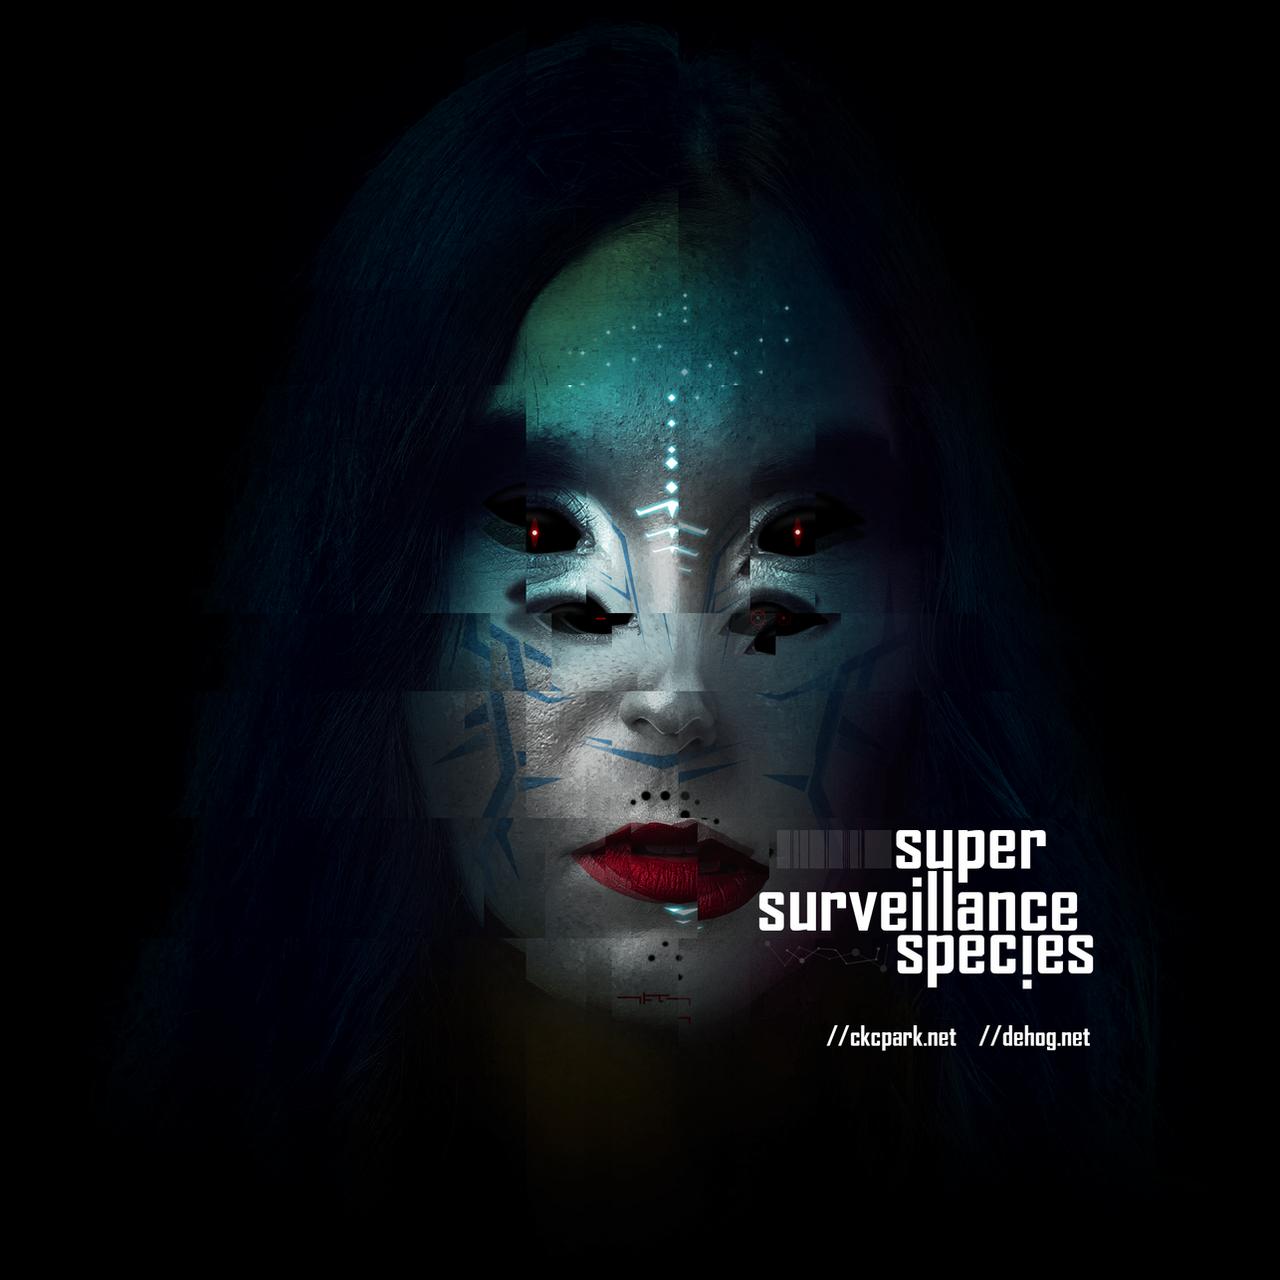 super surviellance species by dehog